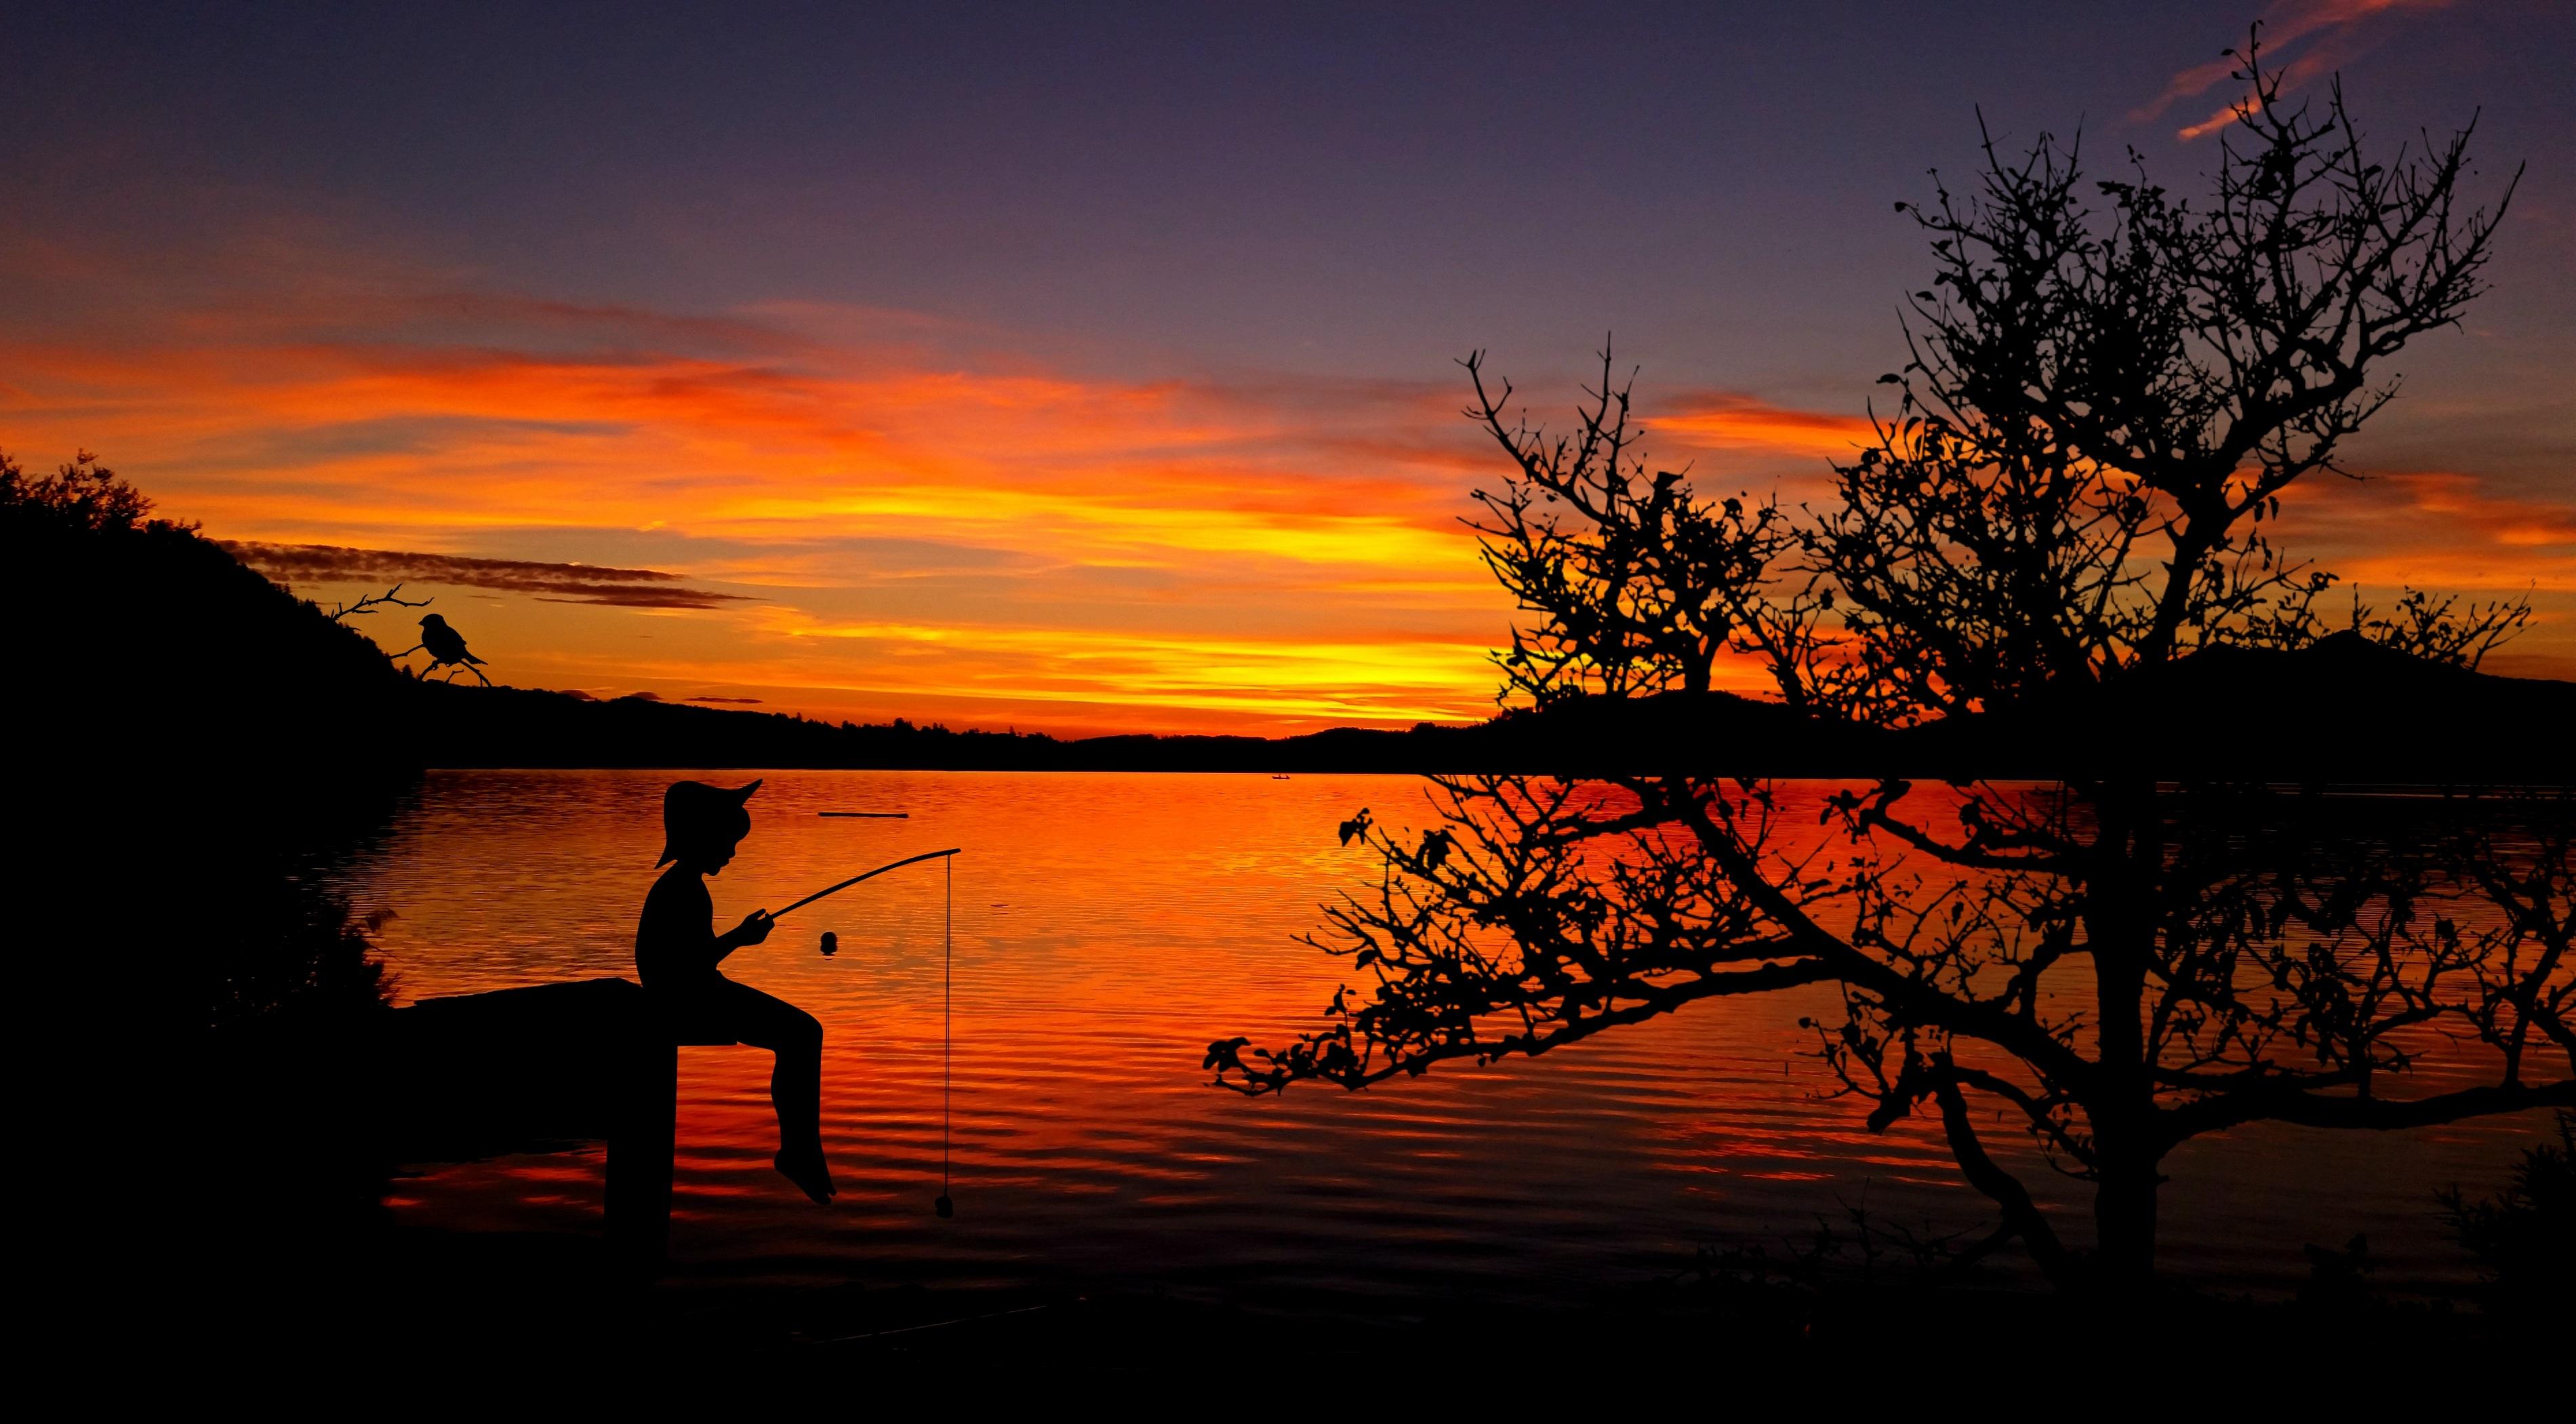 Kostenloses Foto zum Thema: angeln, boot, fischen